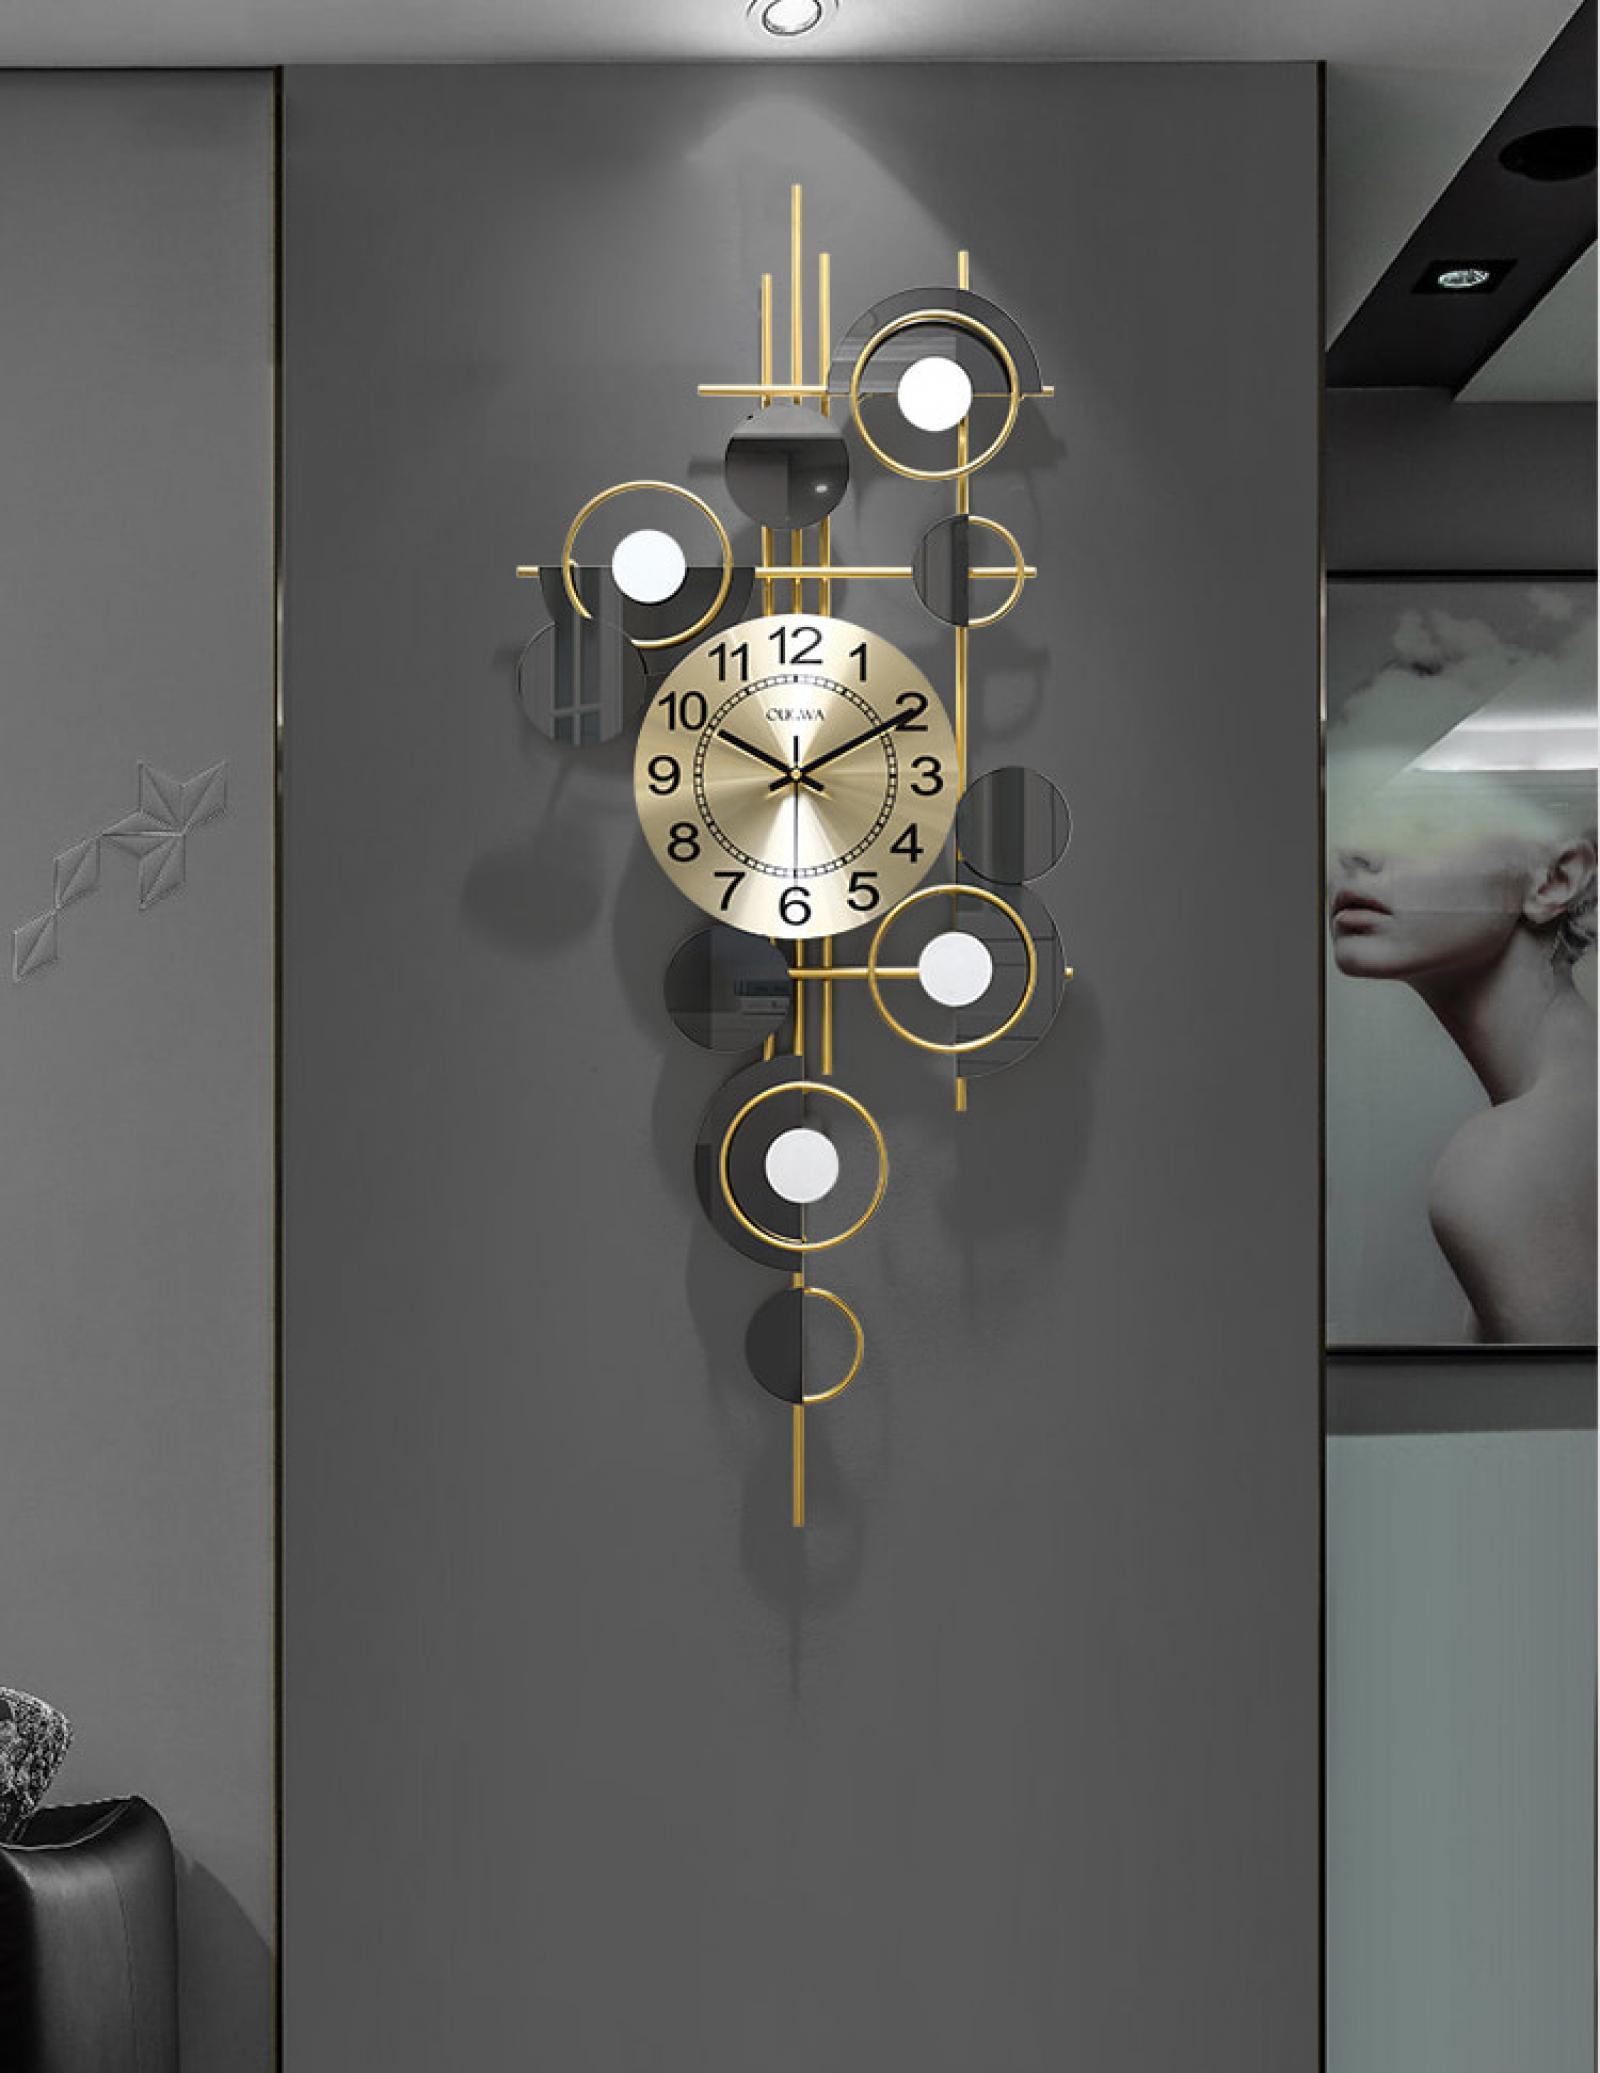 Kích thước đồng hồ phải đáp ứng được chức năng của nó